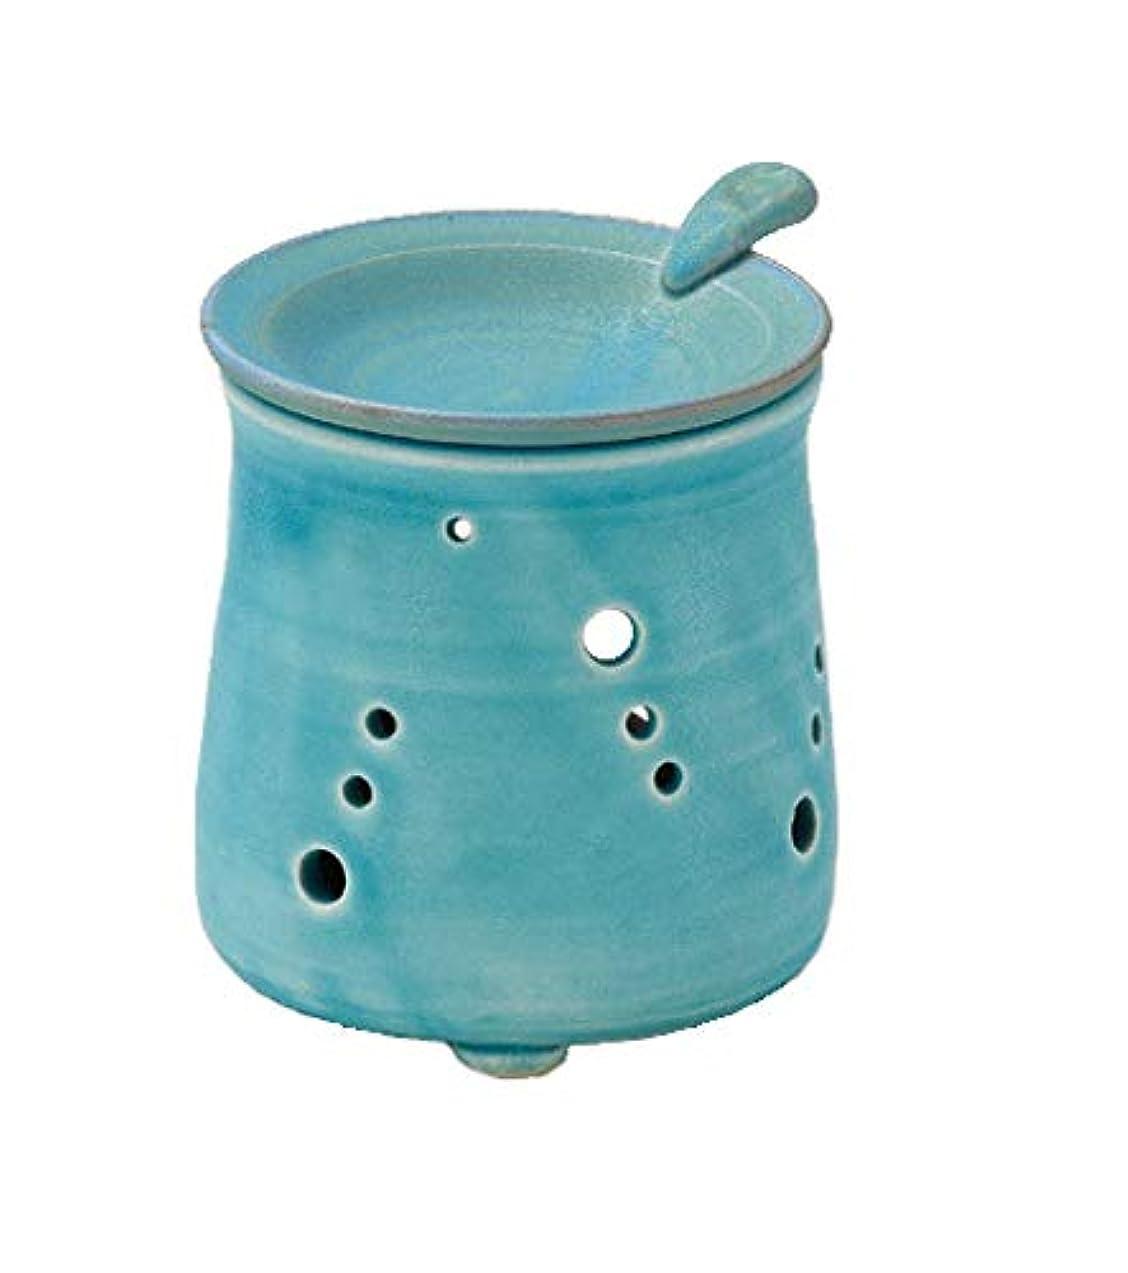 ヤマキイカイ 置物 ブルー 径9.5cm 山田トルコブルー 茶香炉 L1616